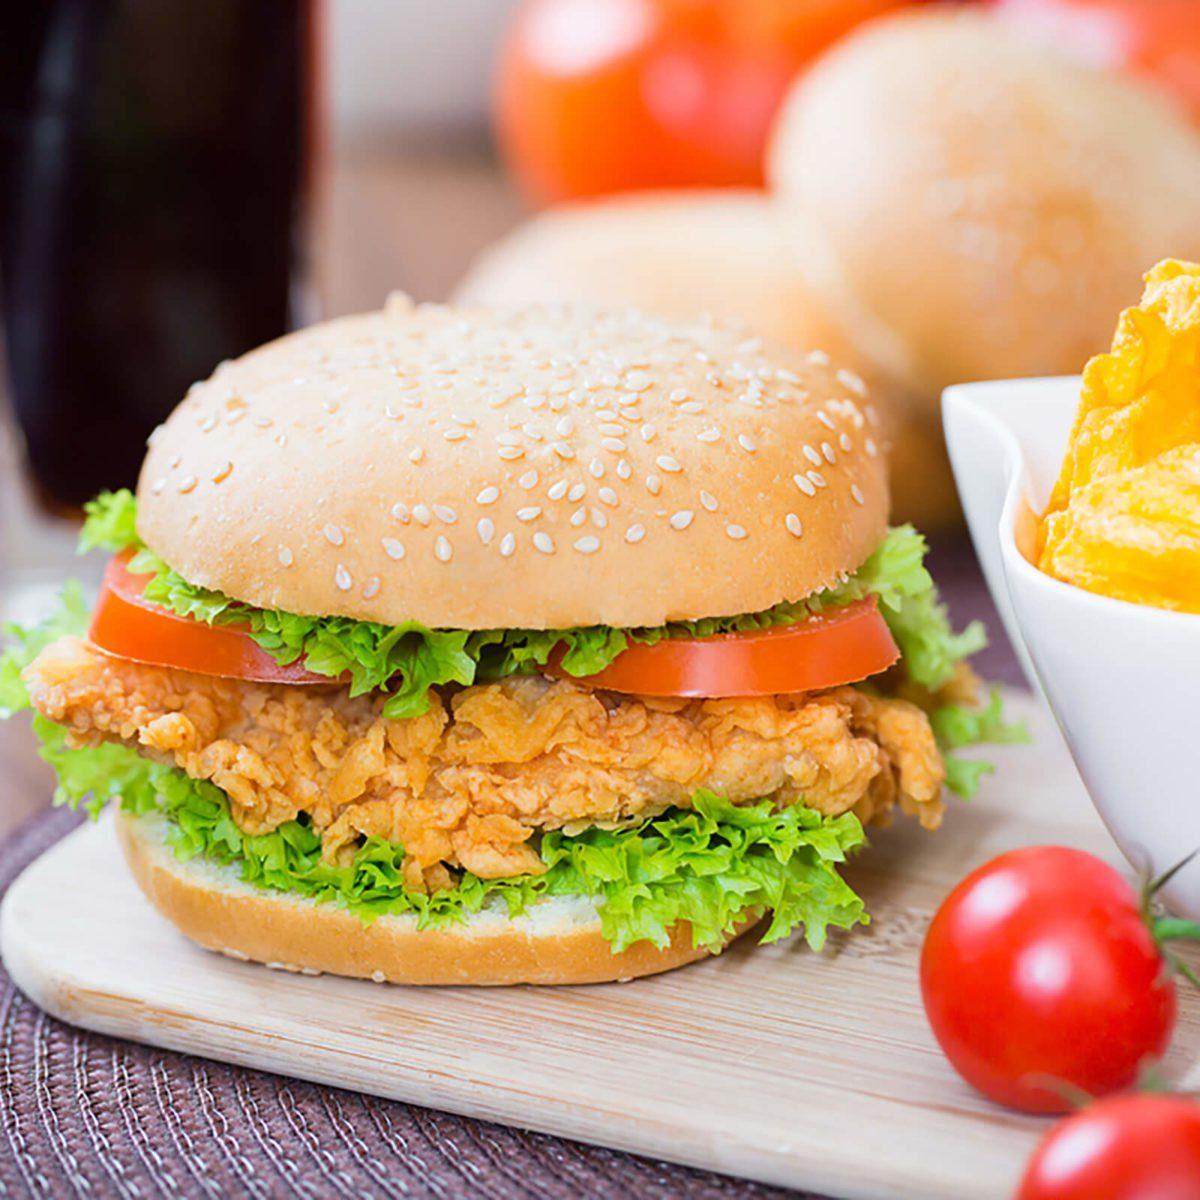 Fried chicken sandiwch